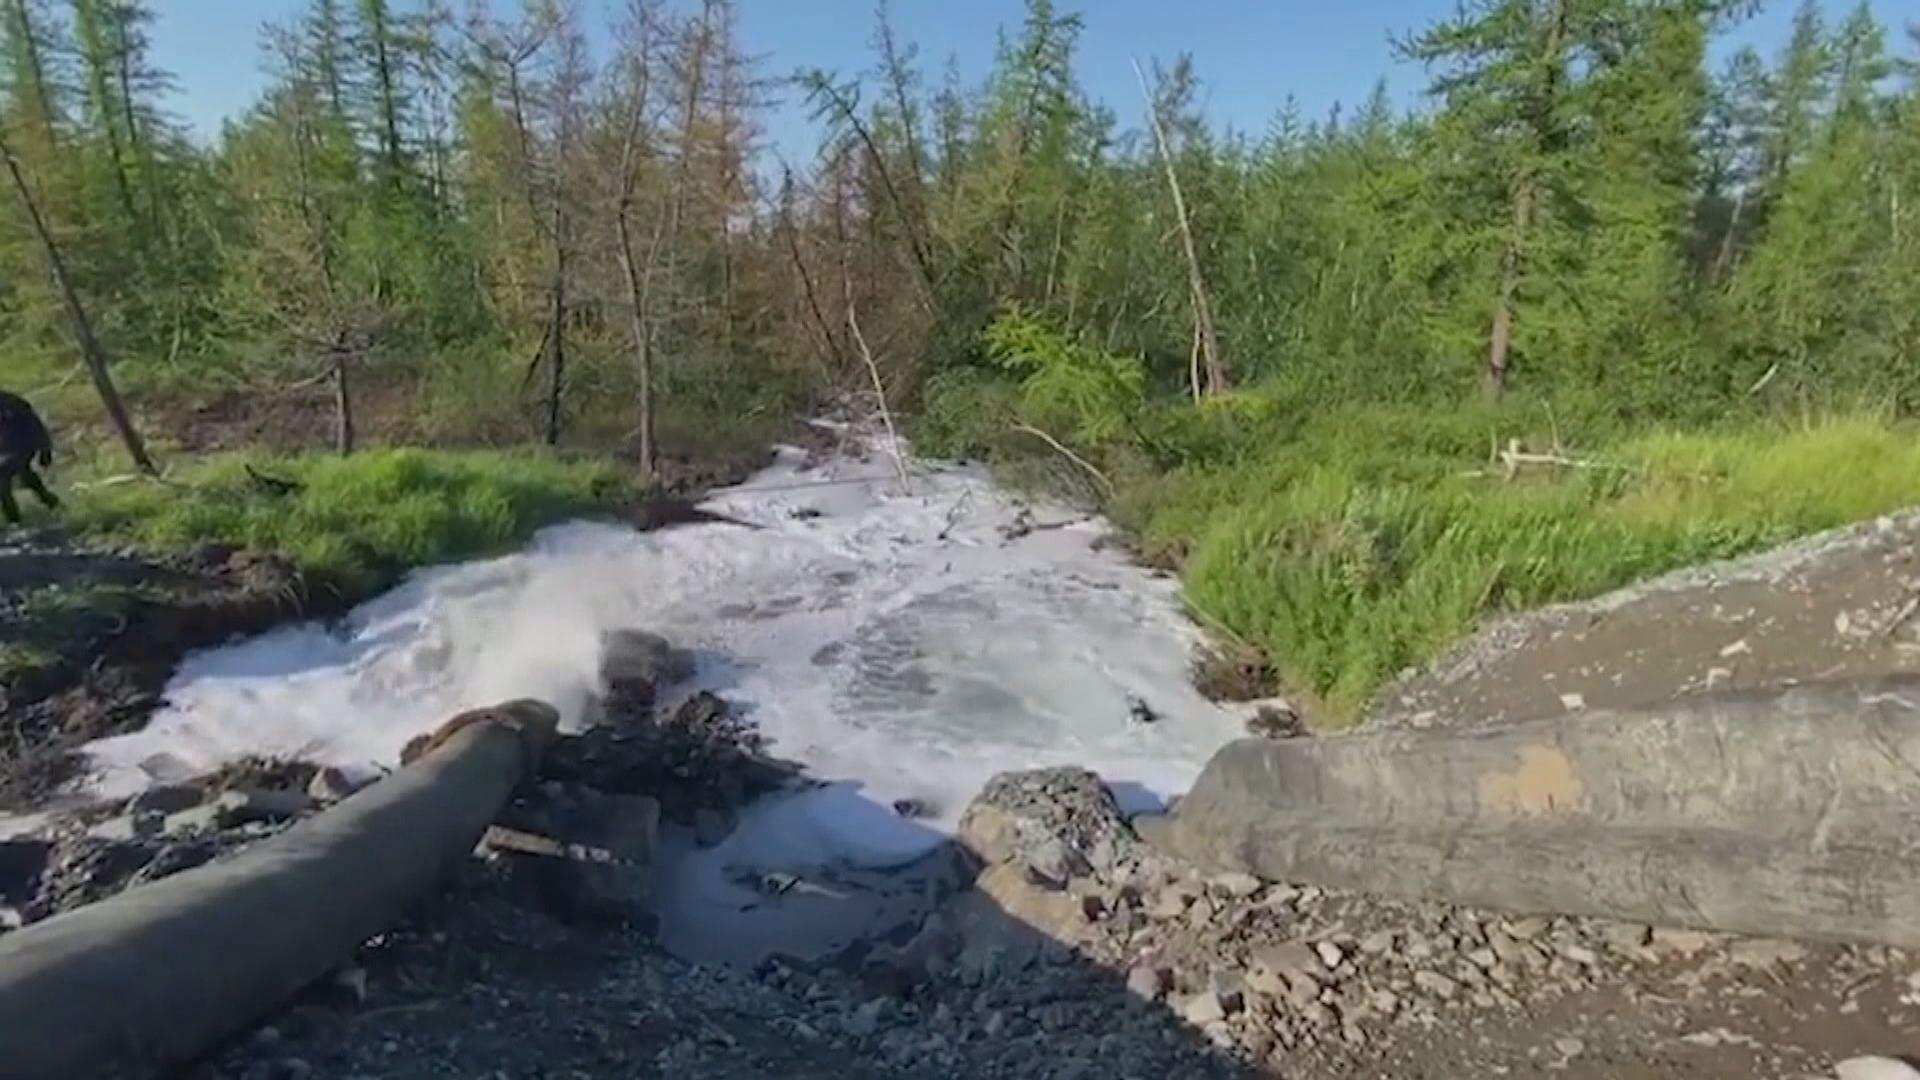 【環球薈報】俄礦業巨企承認排污水入北極凍原